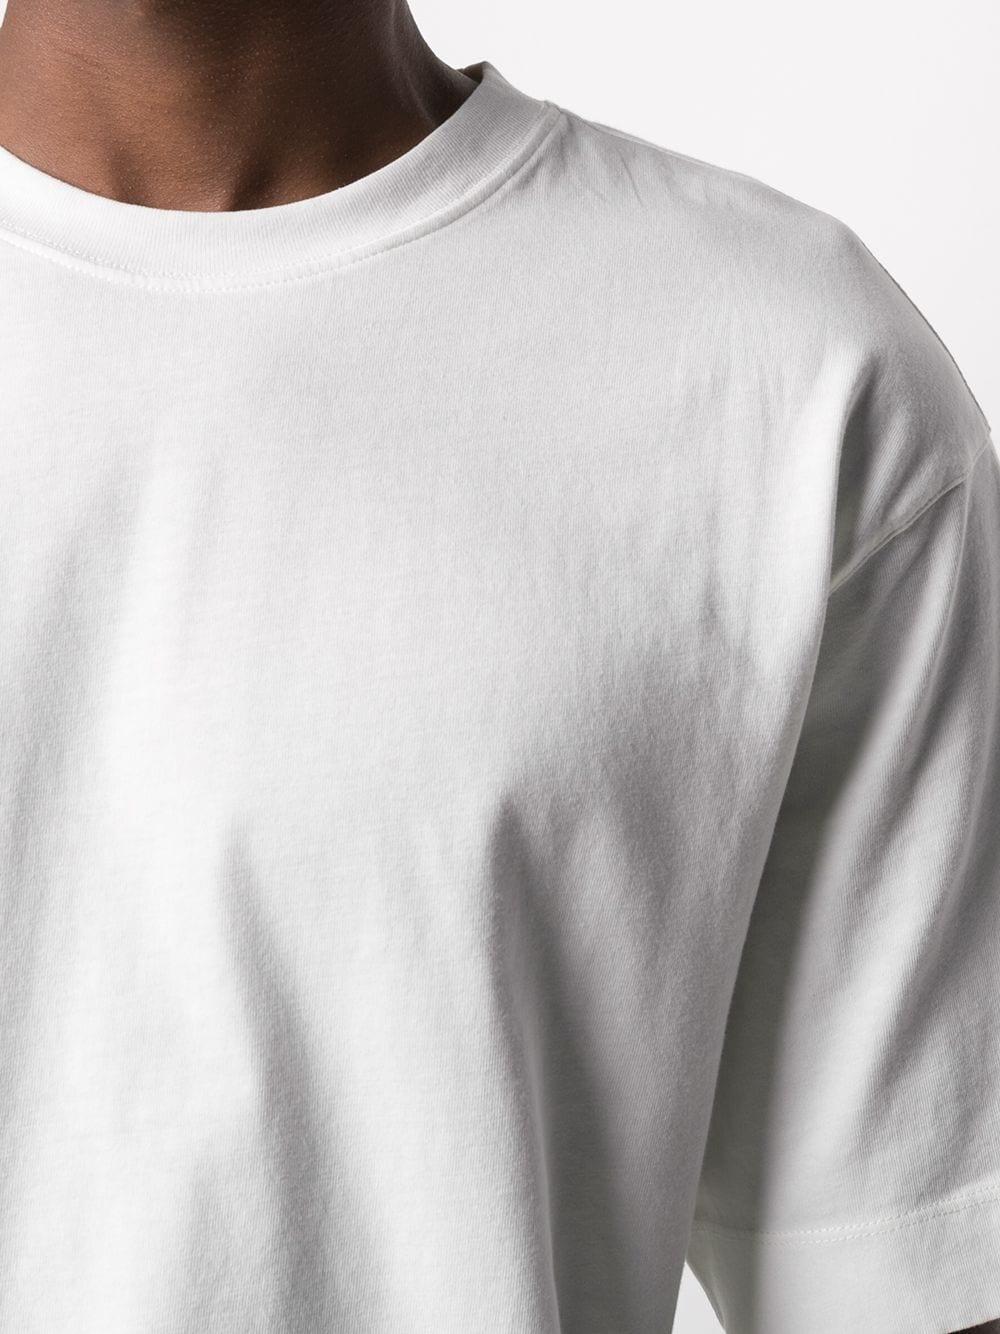 Dries Van Noten heli t-shirt uomo DRIES VAN NOTEN | T-shirt | HELI2603OFFWHITE